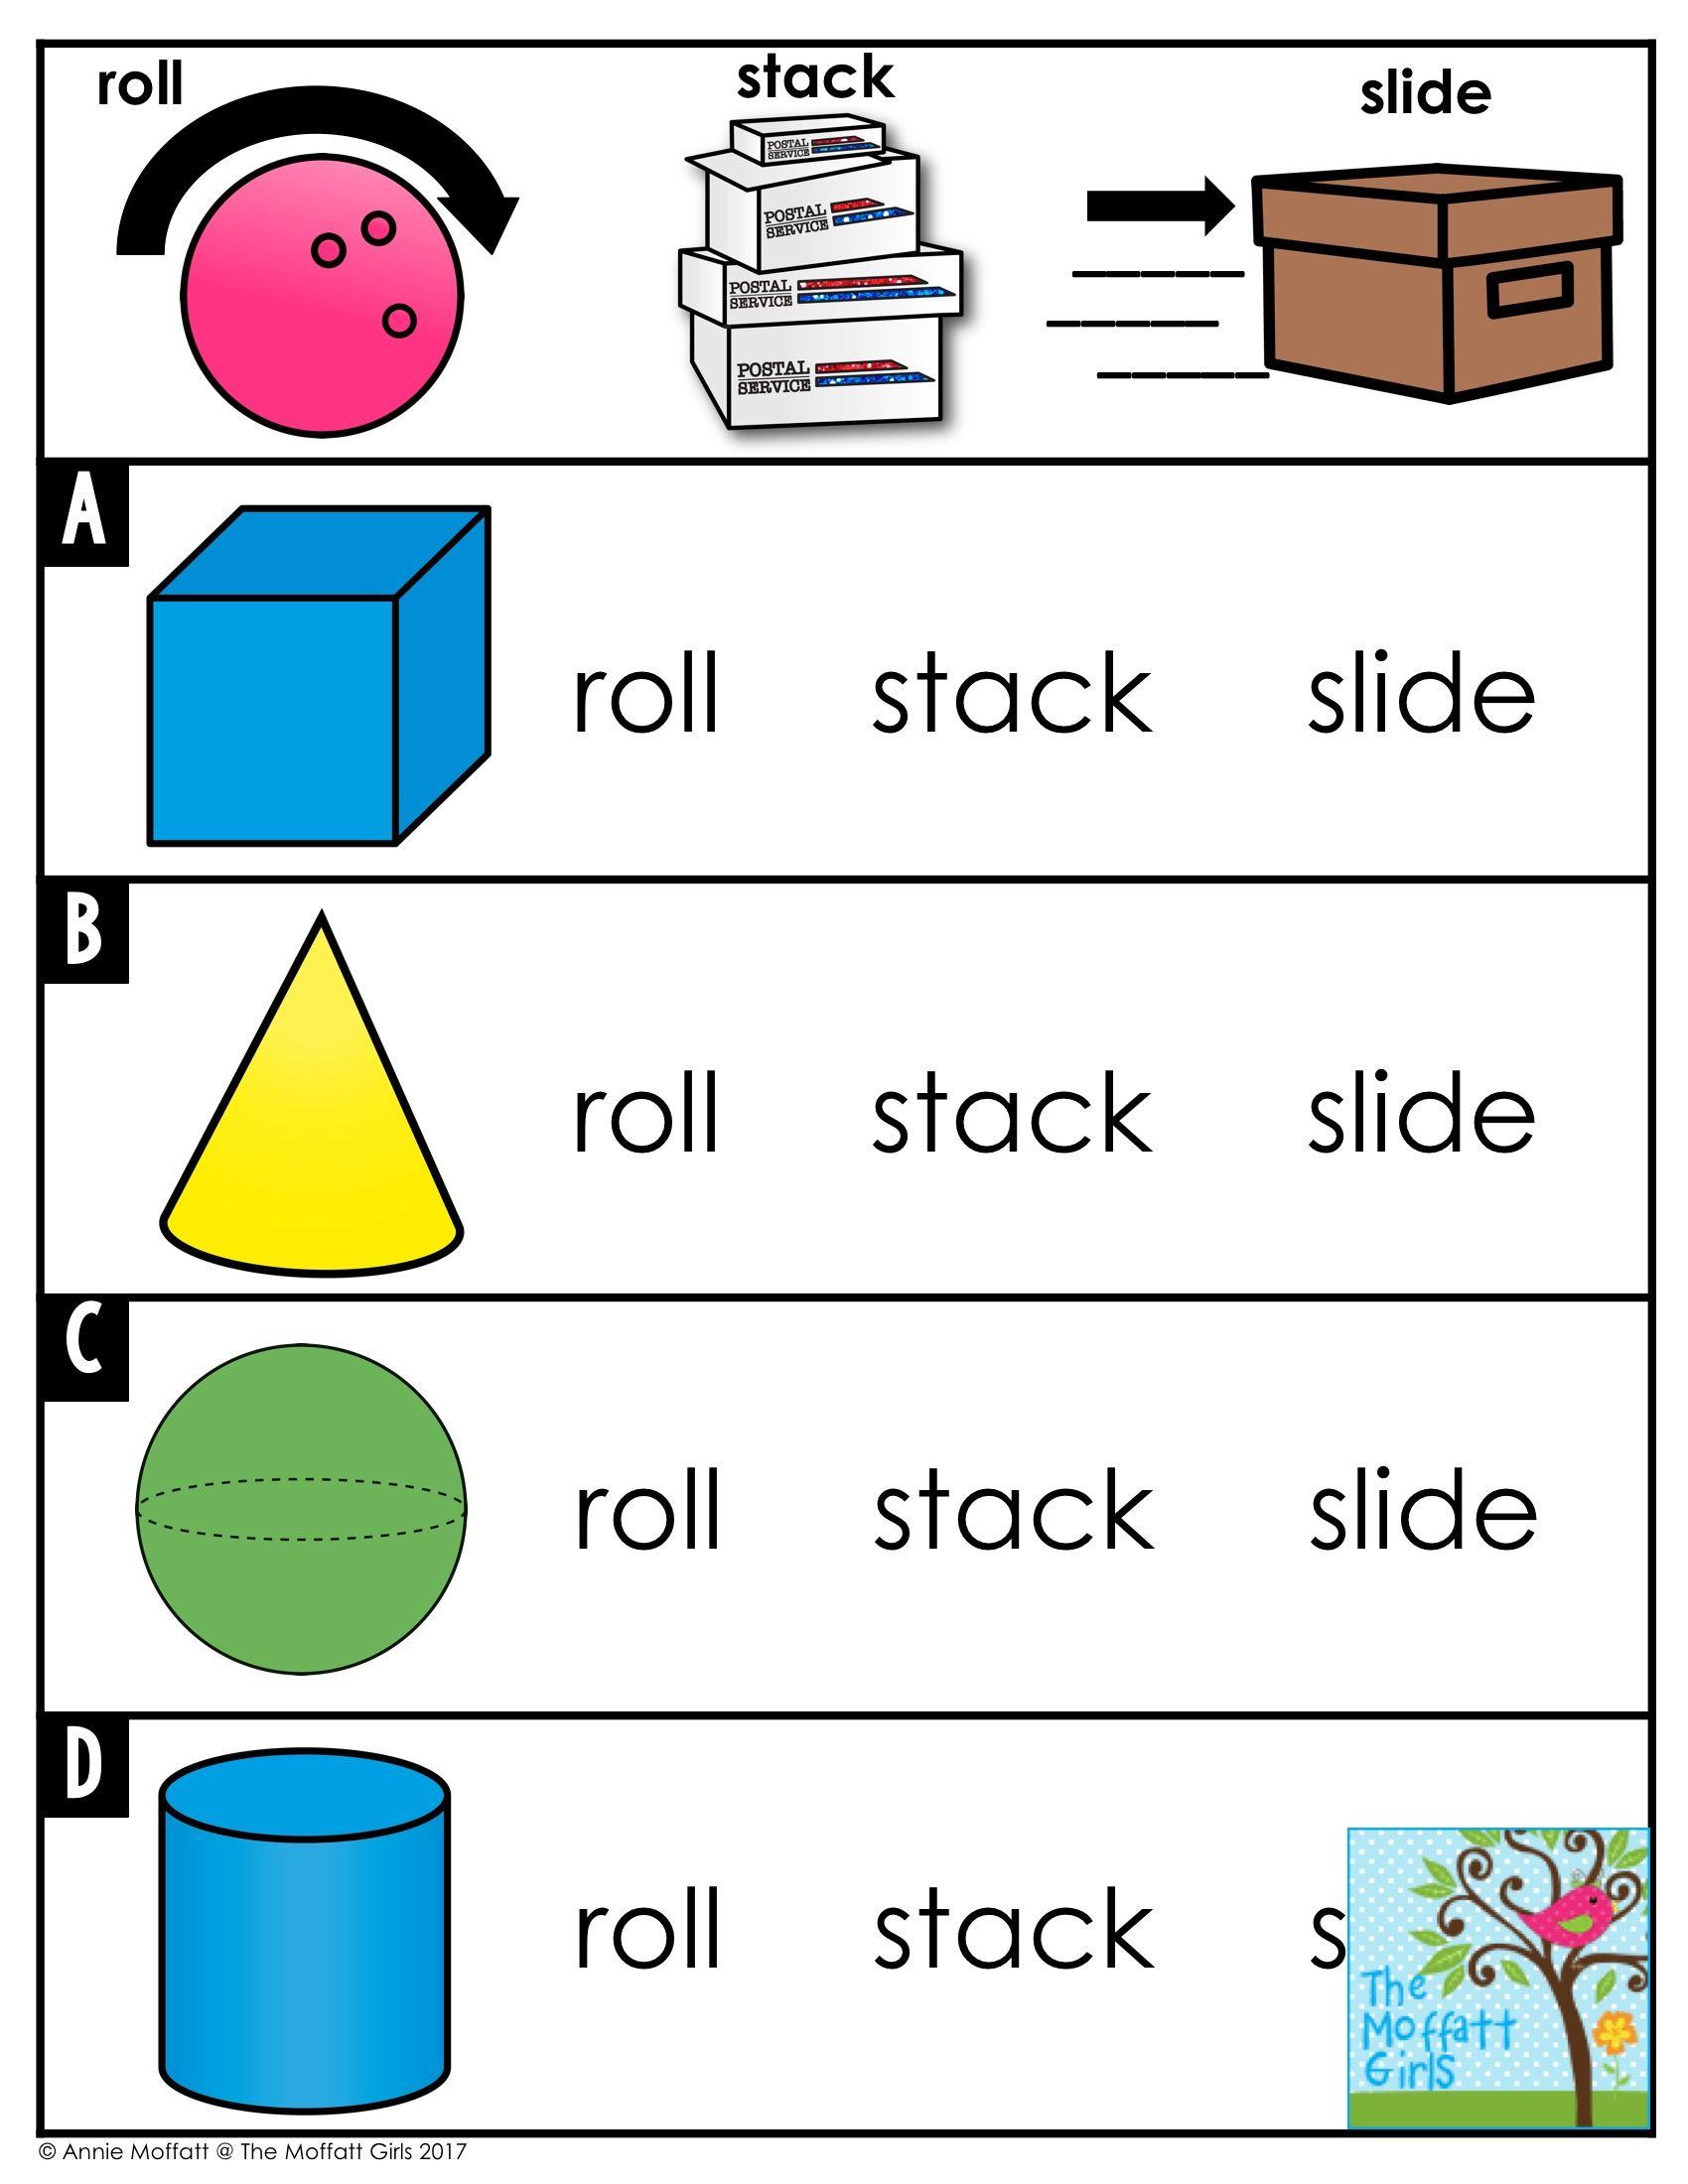 Kindergarten Math Curriculum Shapes Shapes Kindergarten Shapes Worksheet Kindergarten 3d Shapes Kindergarten [ 2200 x 1700 Pixel ]